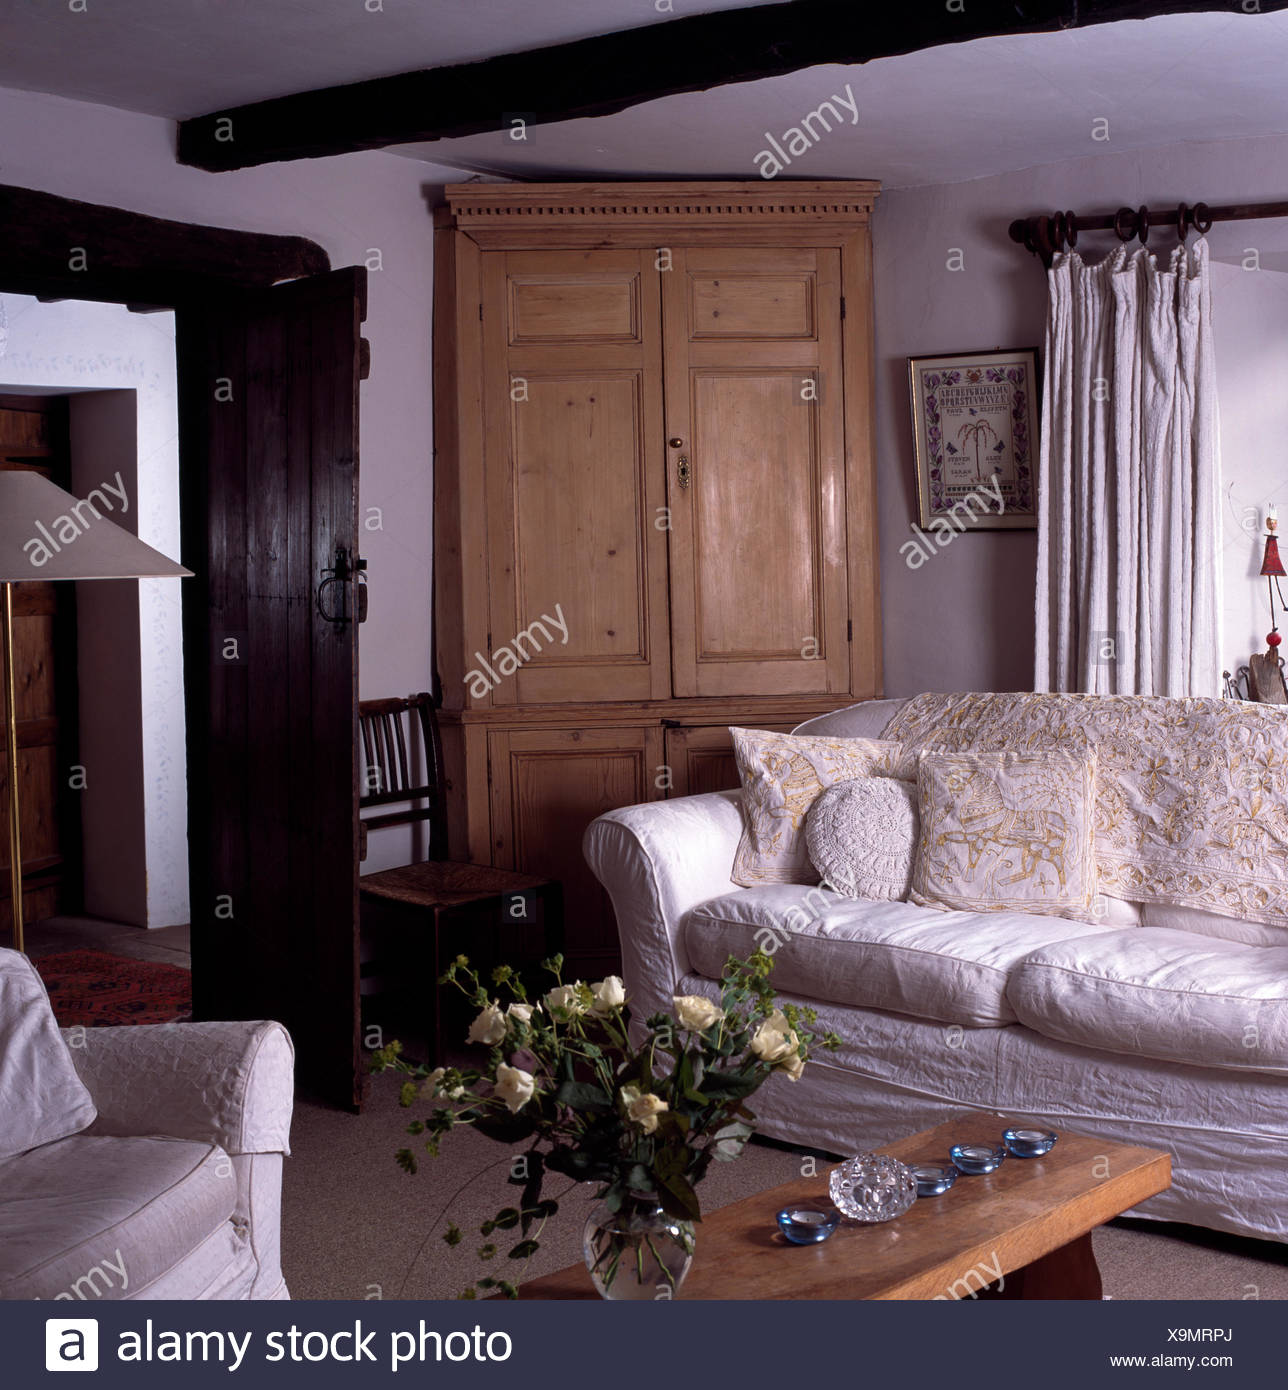 Couch Landhausstil Wohnzimmermobel